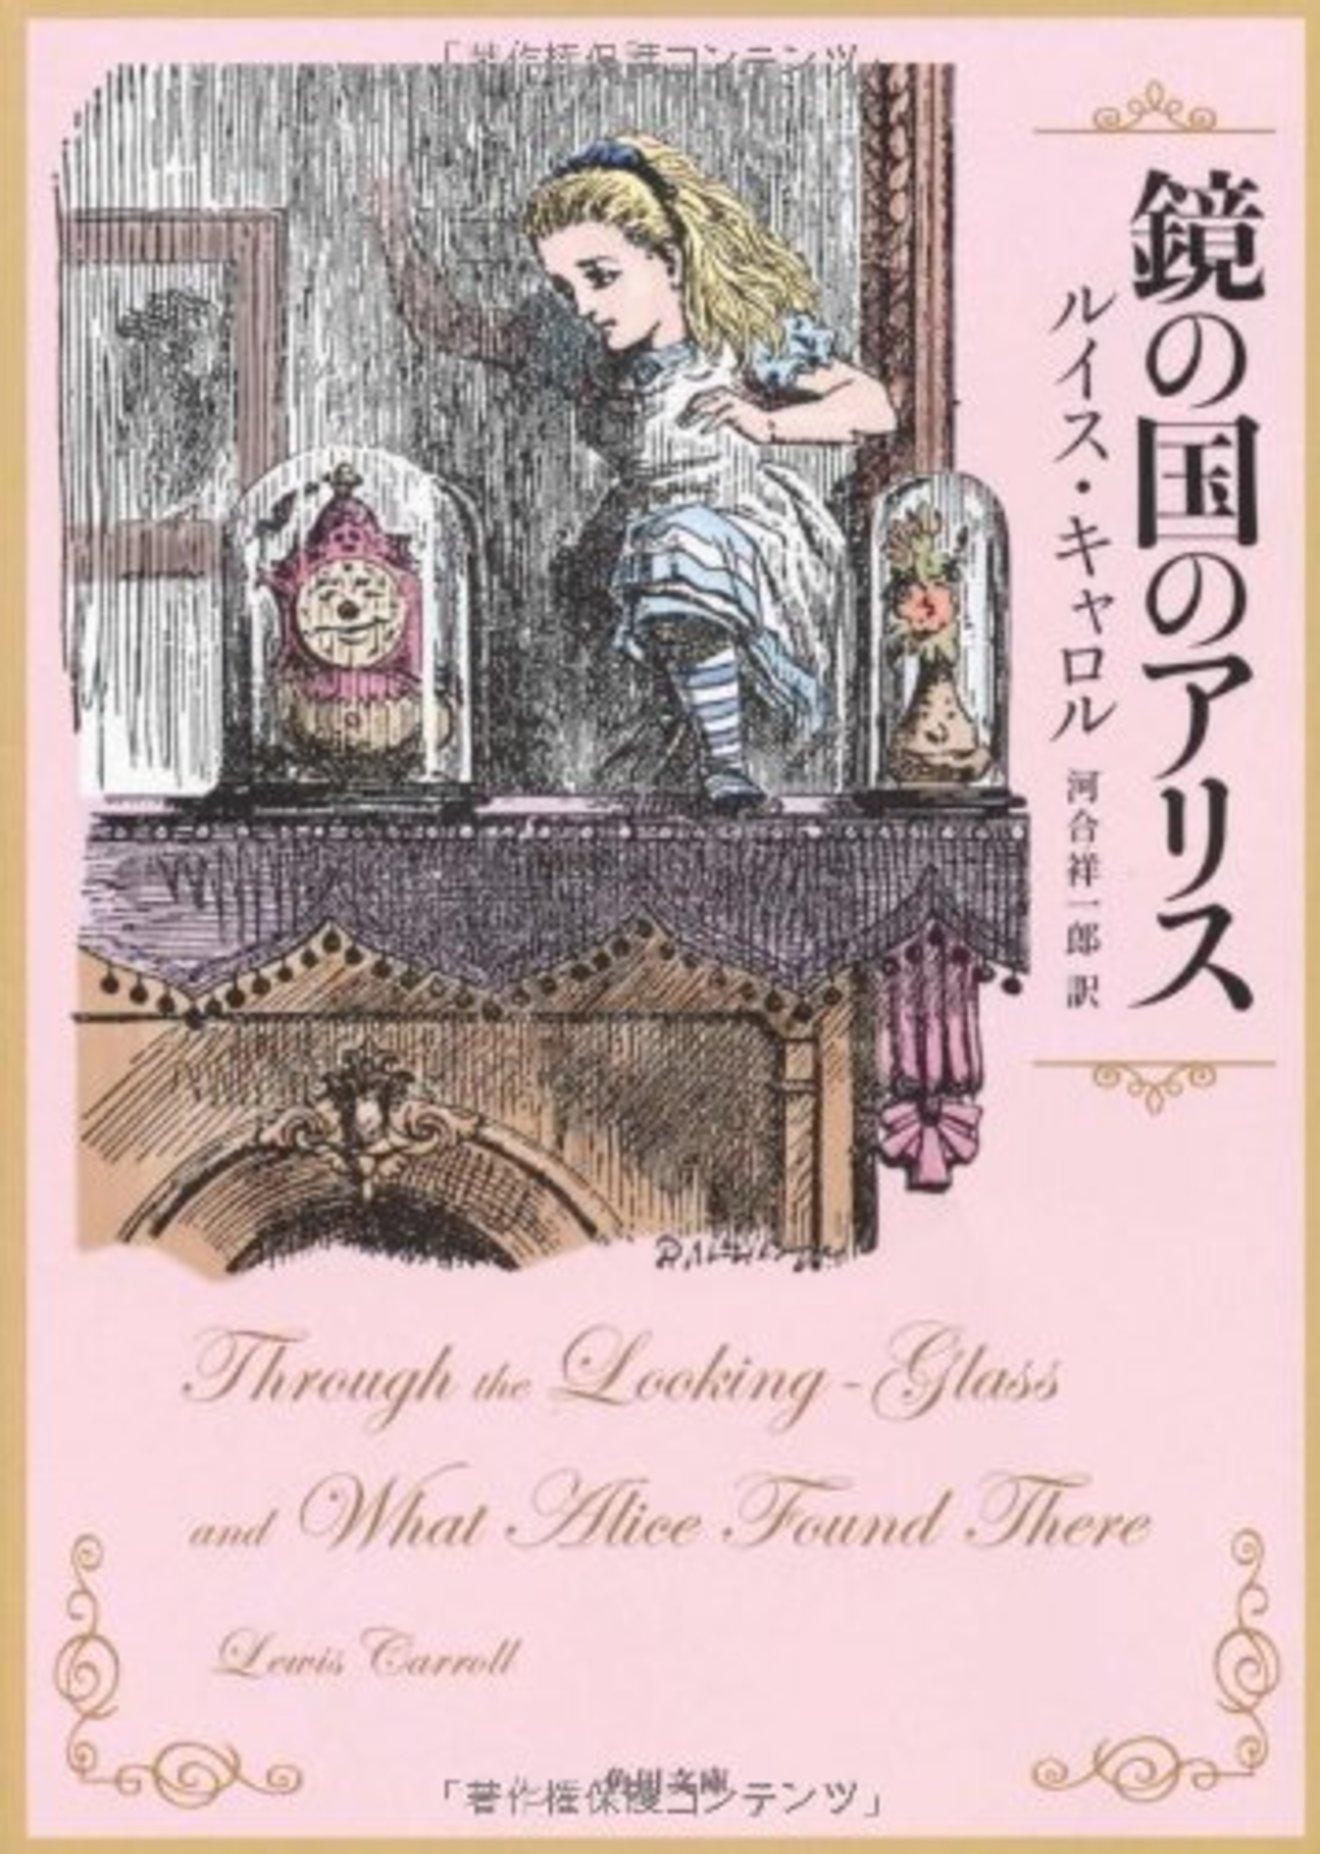 『鏡の国のアリス』を徹底解説!あらすじや登場人物、名言、ラースなど